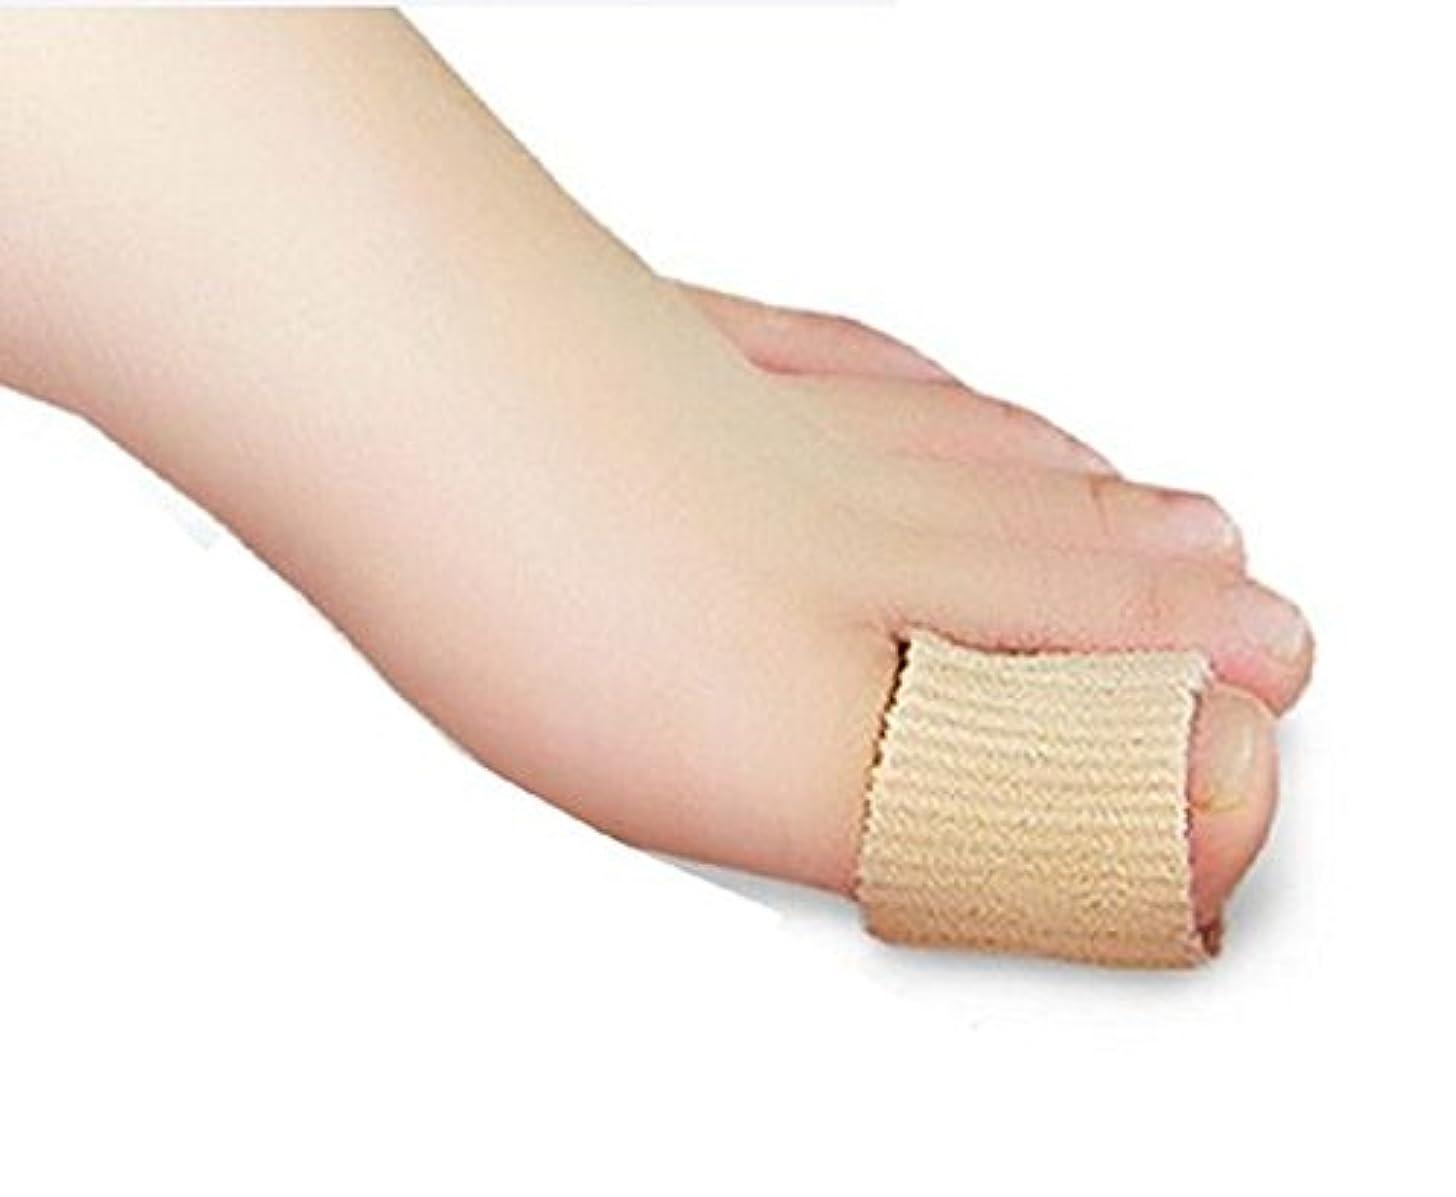 I BECOME FREE 足指保護パッド 手の指 突き指 足まめ マメ 水虫 腫れ 内部のジェルで優しく包みます